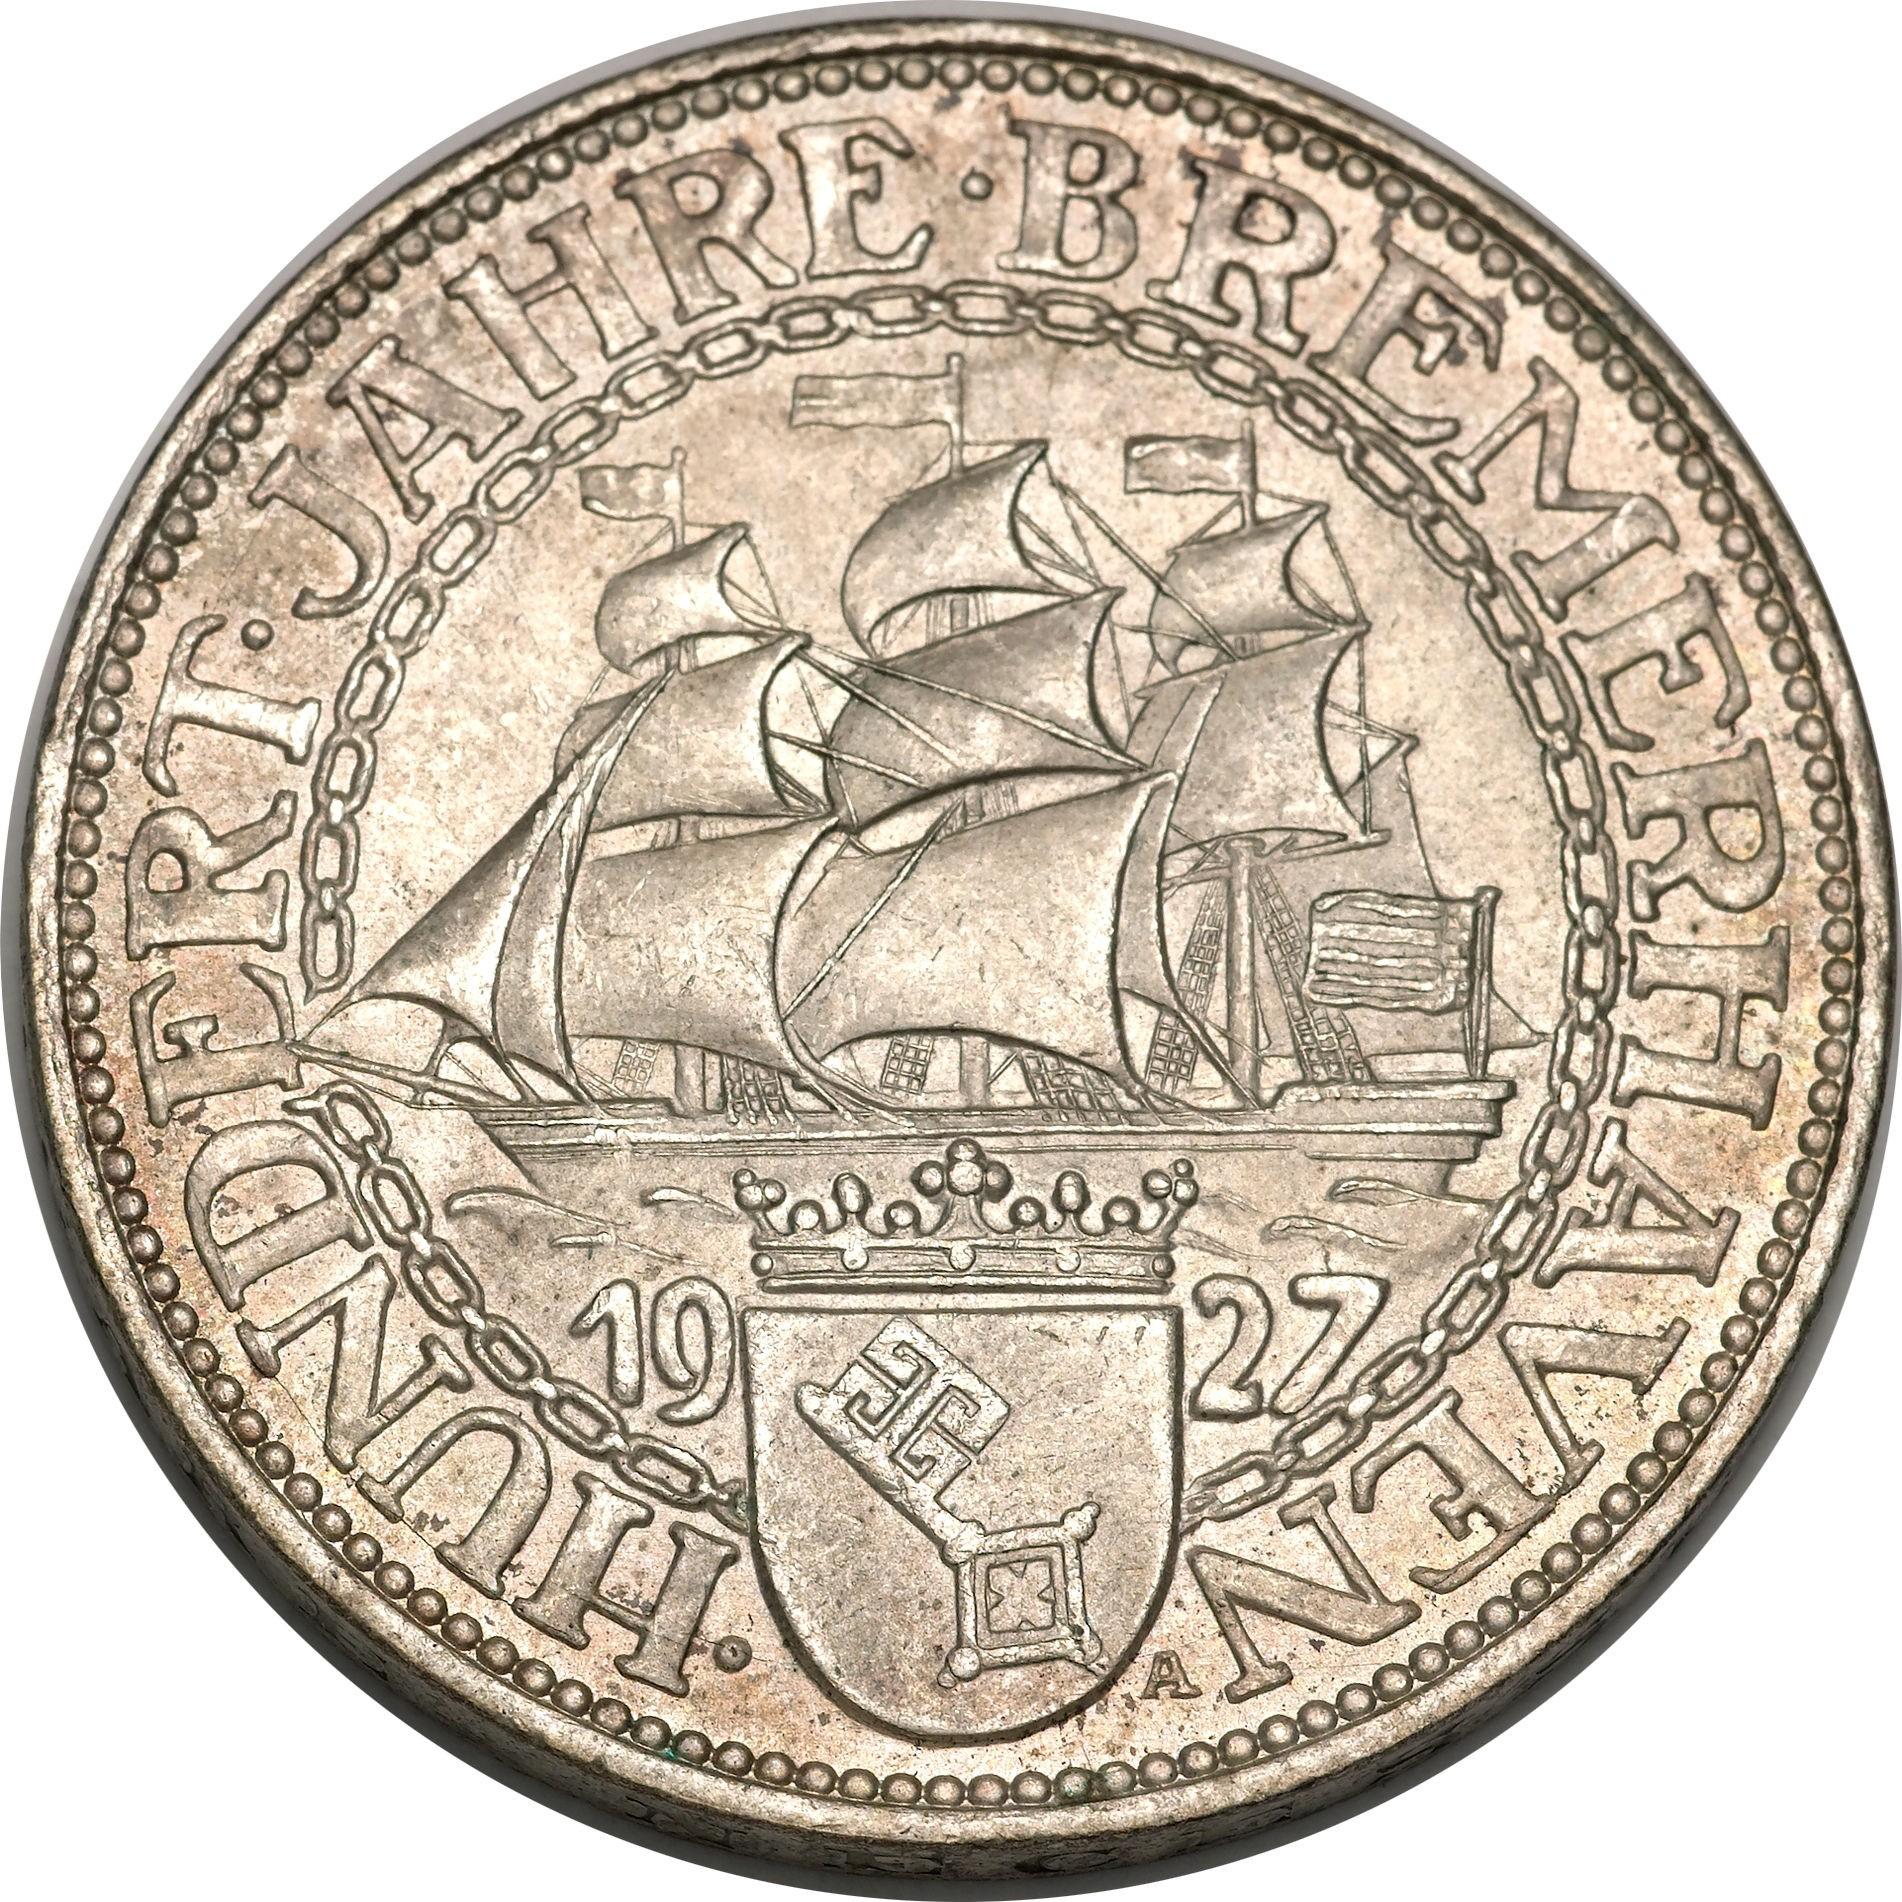 Germany 5 Reichsmark (1927 Bremerhaven)